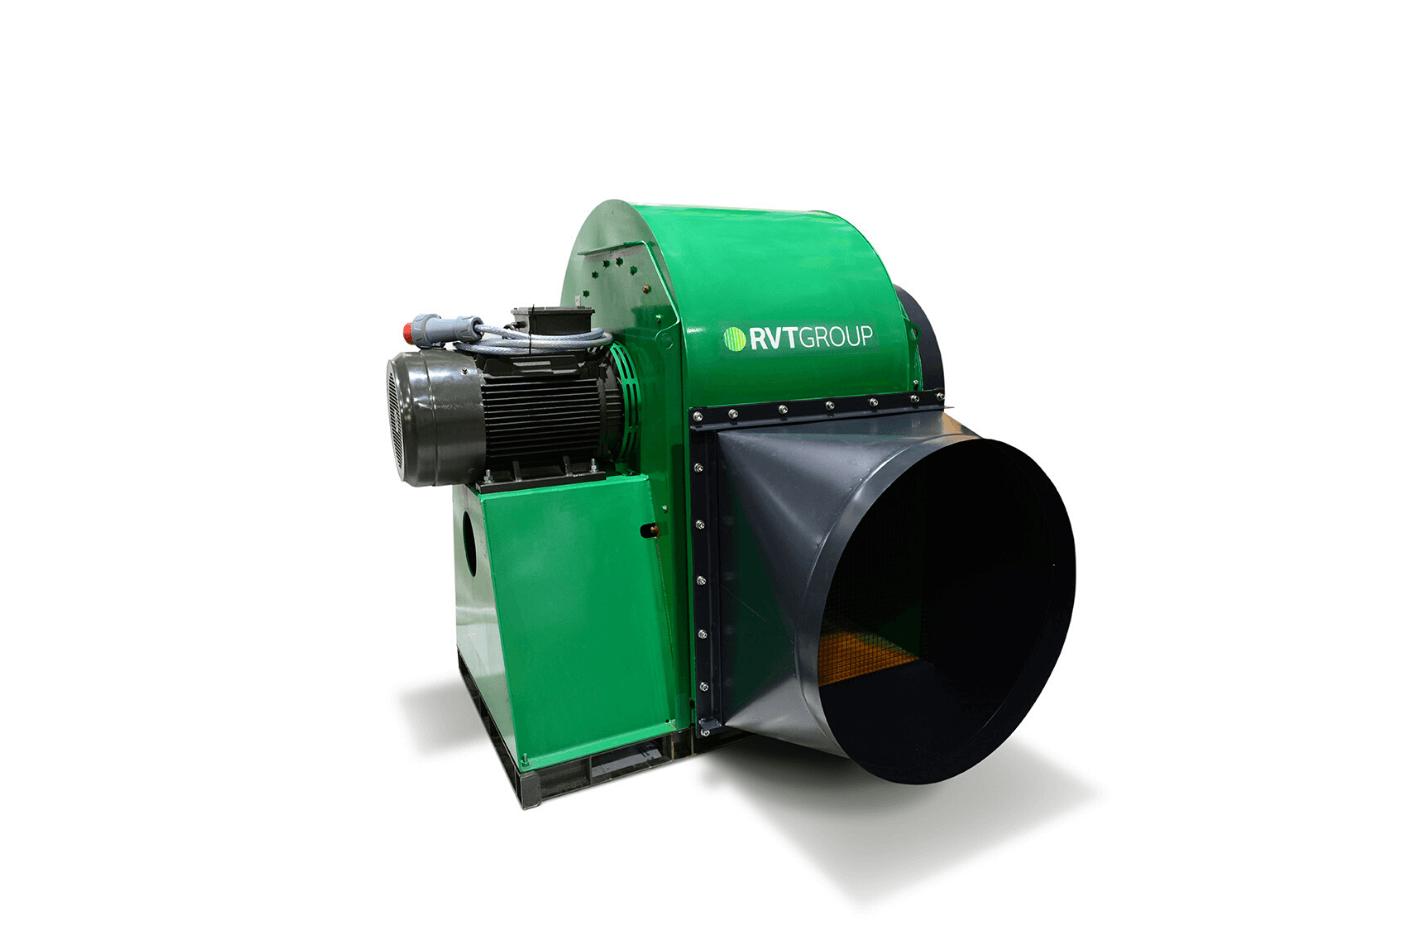 Ventex CF fan 600 S_Ventilation Equipment